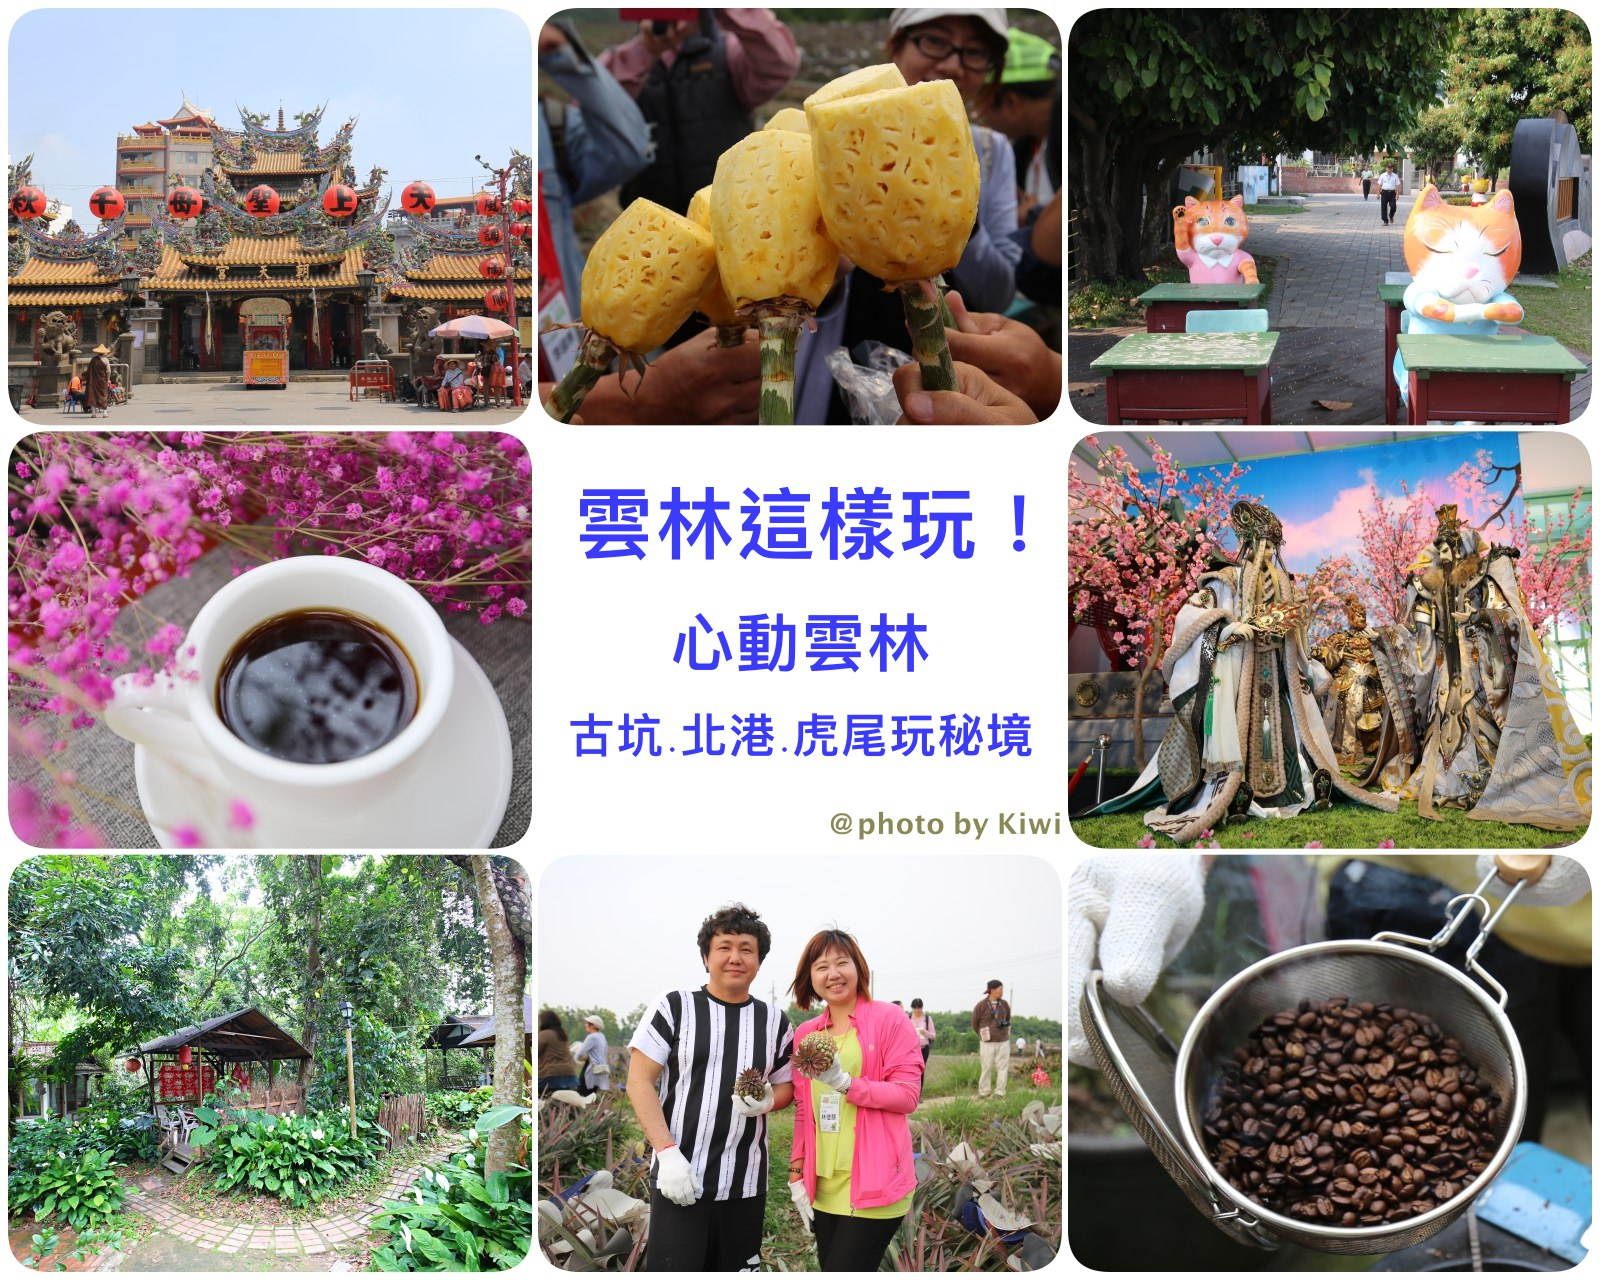 雲林這樣玩 心動雲林古坑北港在地小旅行兩日遊 走訪咖啡原鄉/咖啡布染/大口嗑整顆鳳梨,農村文化體驗一次玩足